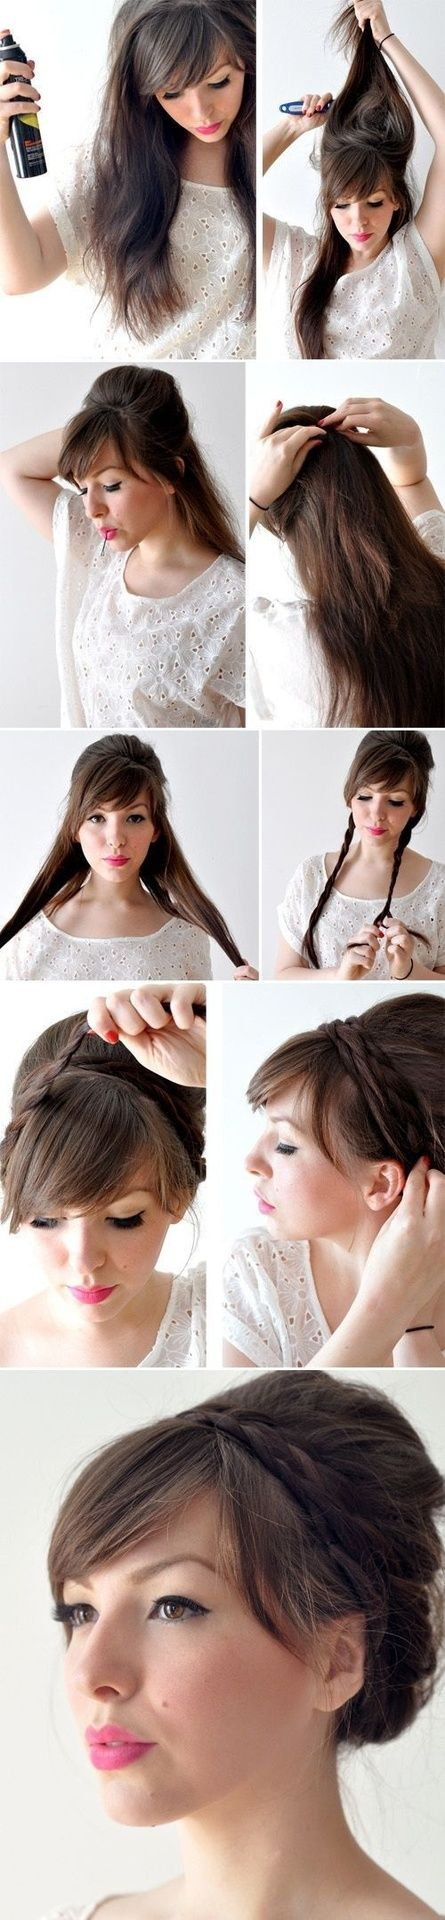 100 tutoriaux de coiffures faciles à faire soit même